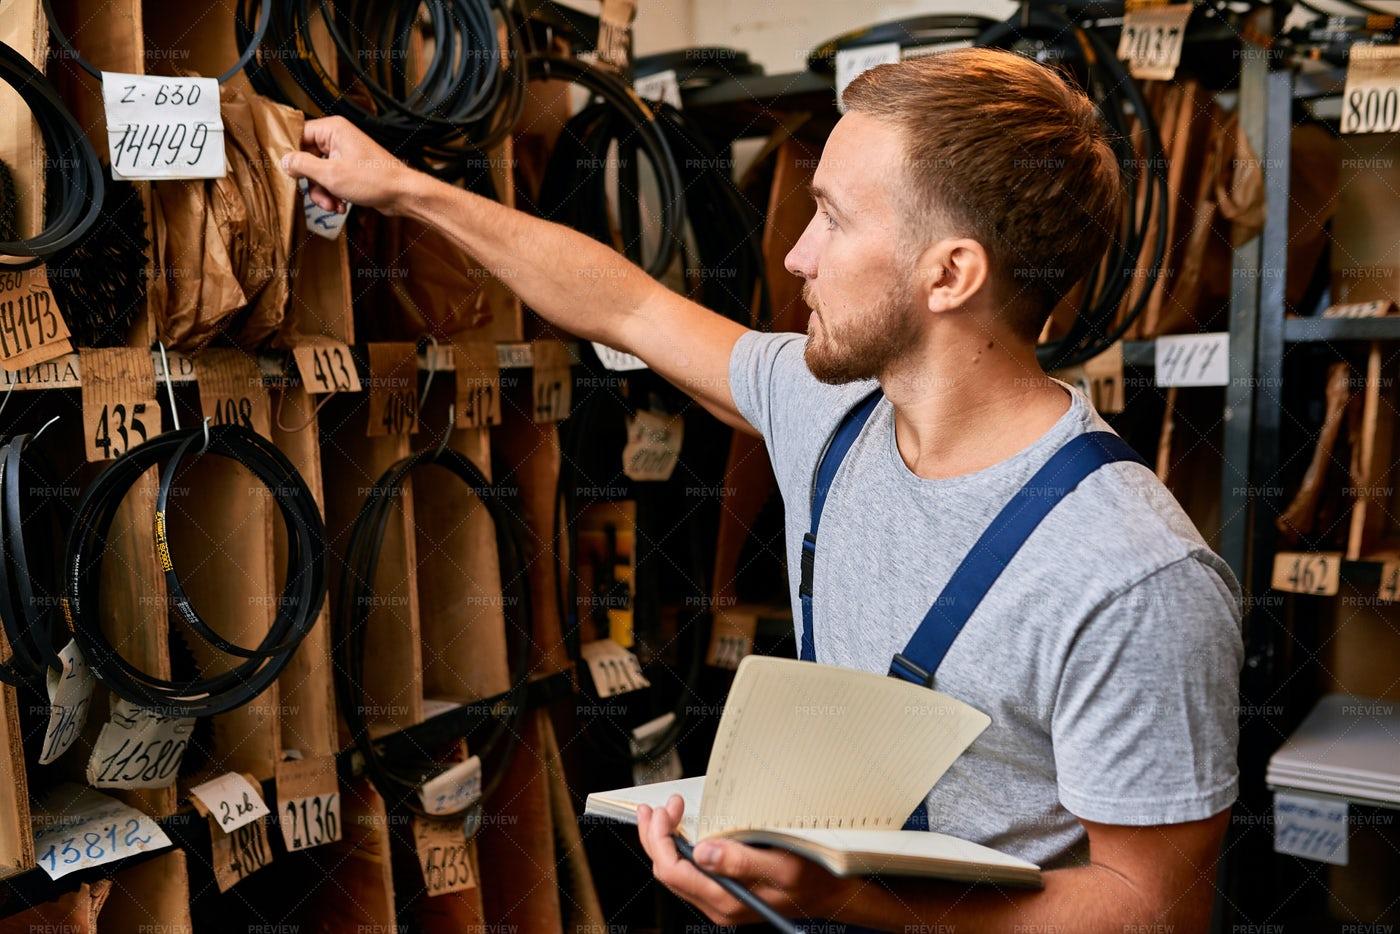 Man Doing Stock Inventory: Stock Photos